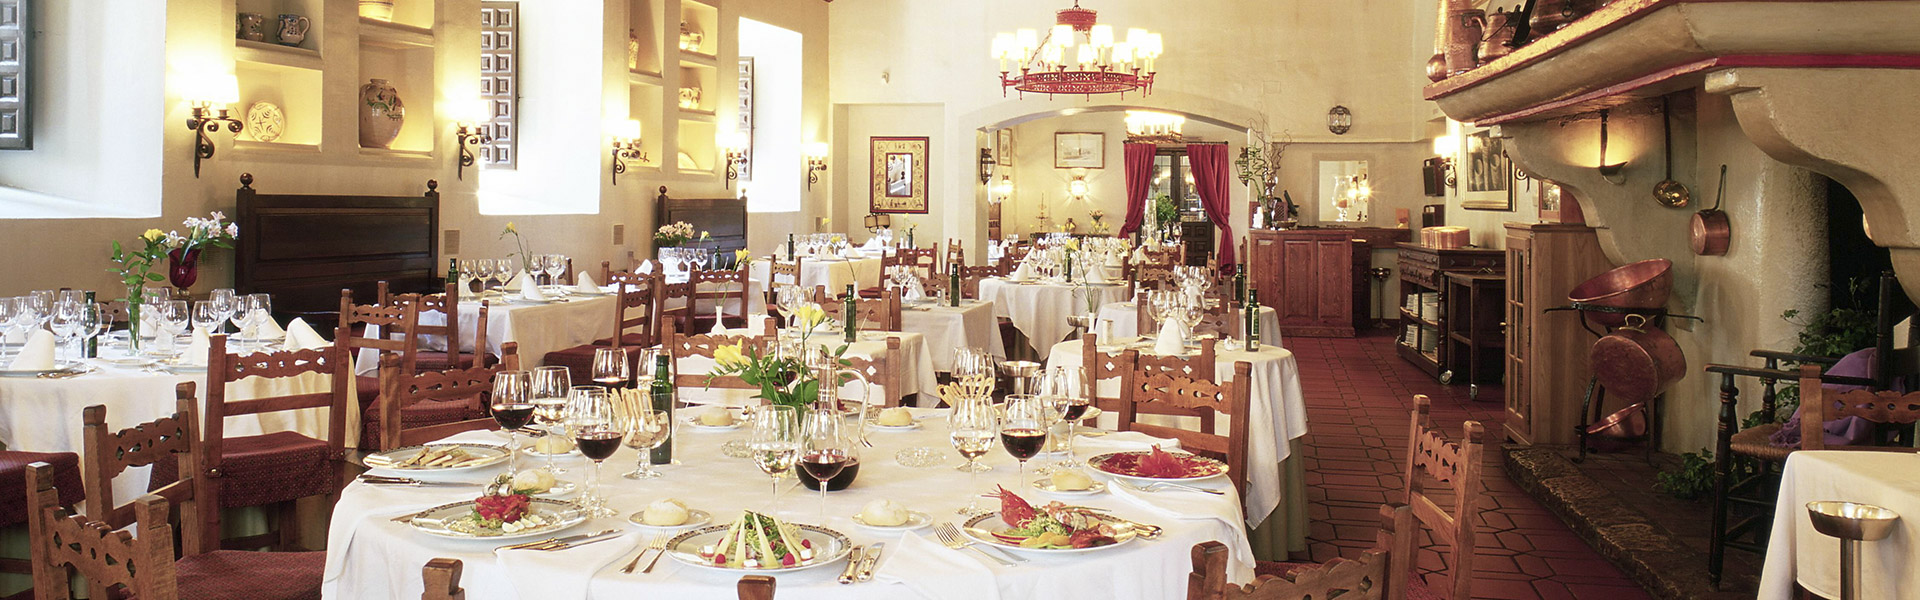 Restaurante Hosteria Parador Nacional Alcalá de Henares